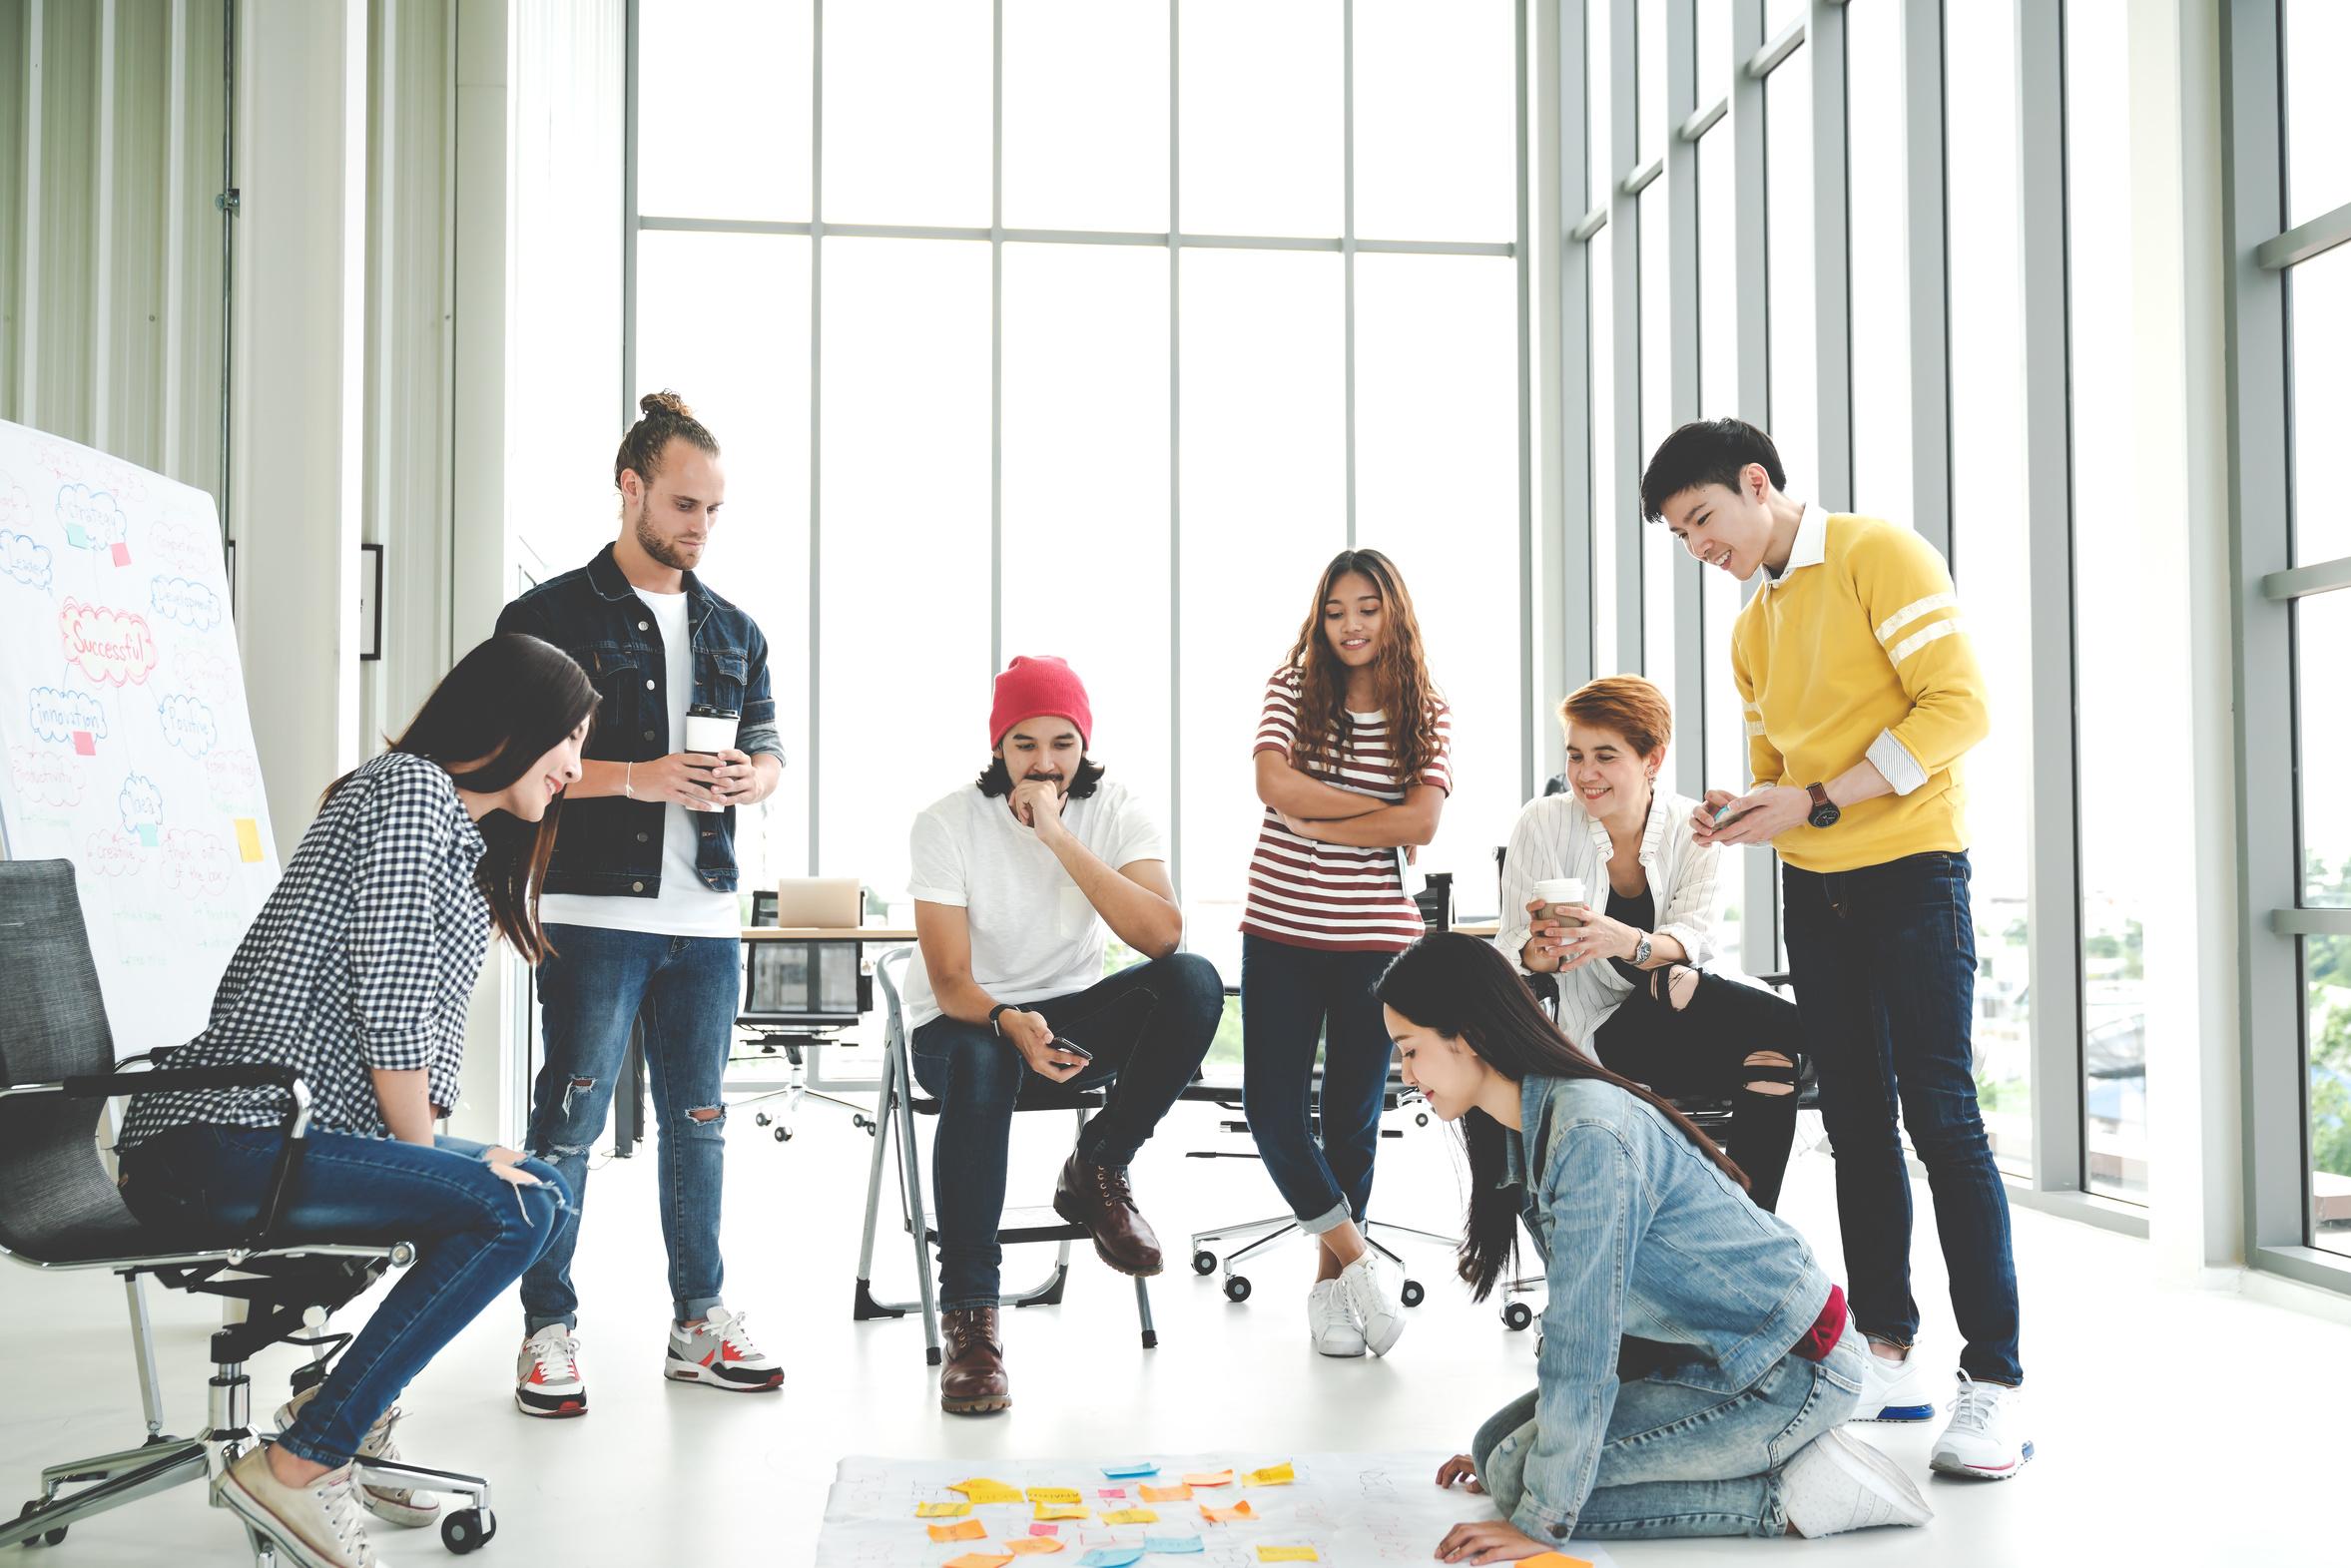 Neuausrichtung der Arbeitgebermarke: Mitarbeiter mitnehmen!